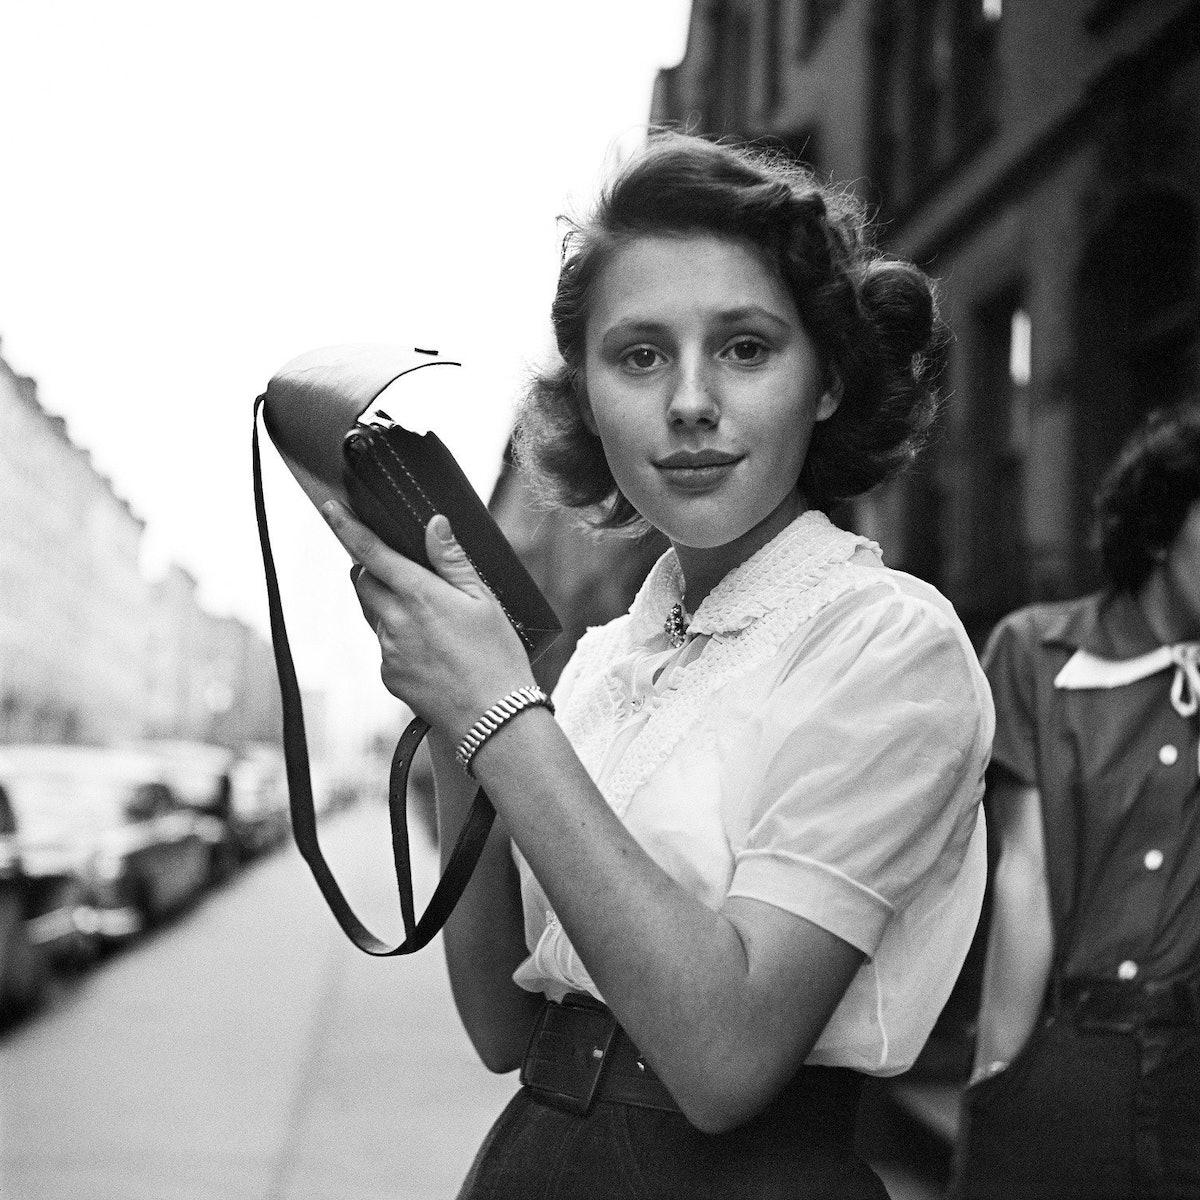 vivian-maier-New York-1952-59.jpg